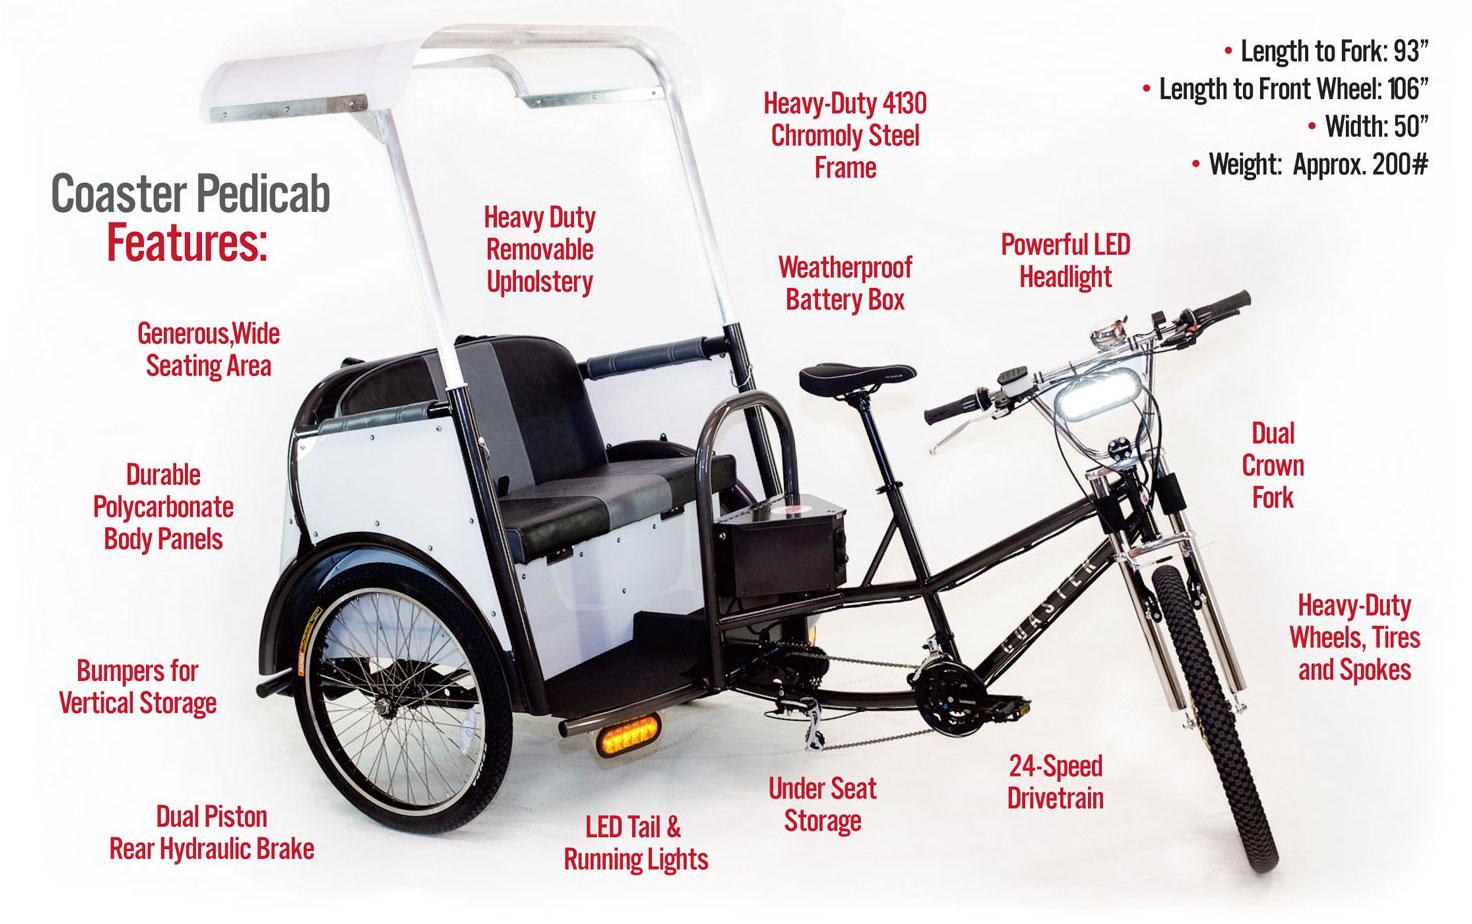 An Even Better Pedicab